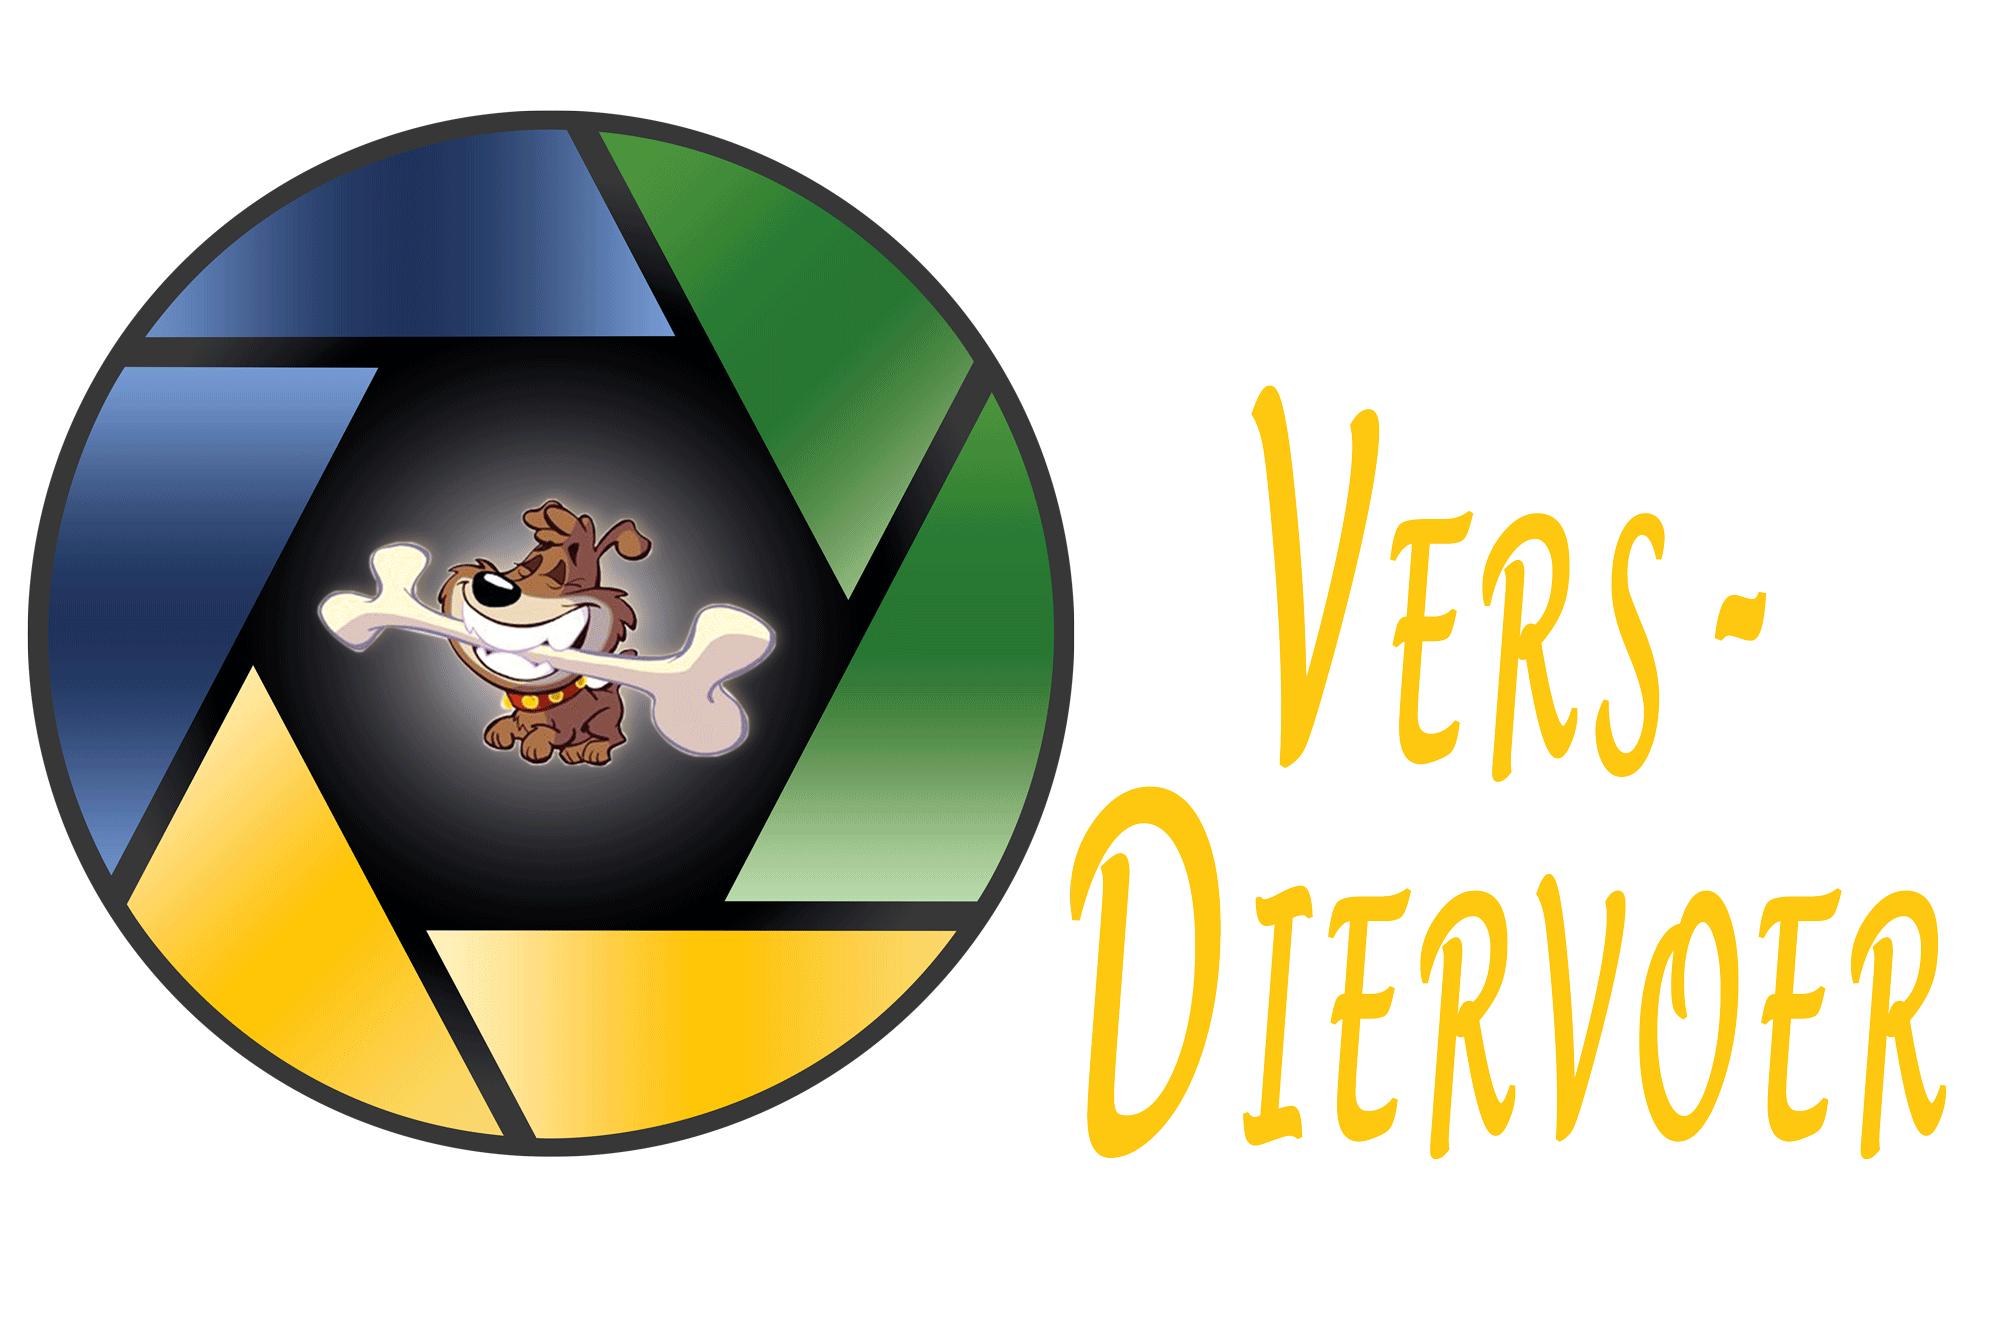 Vers-Diervoer